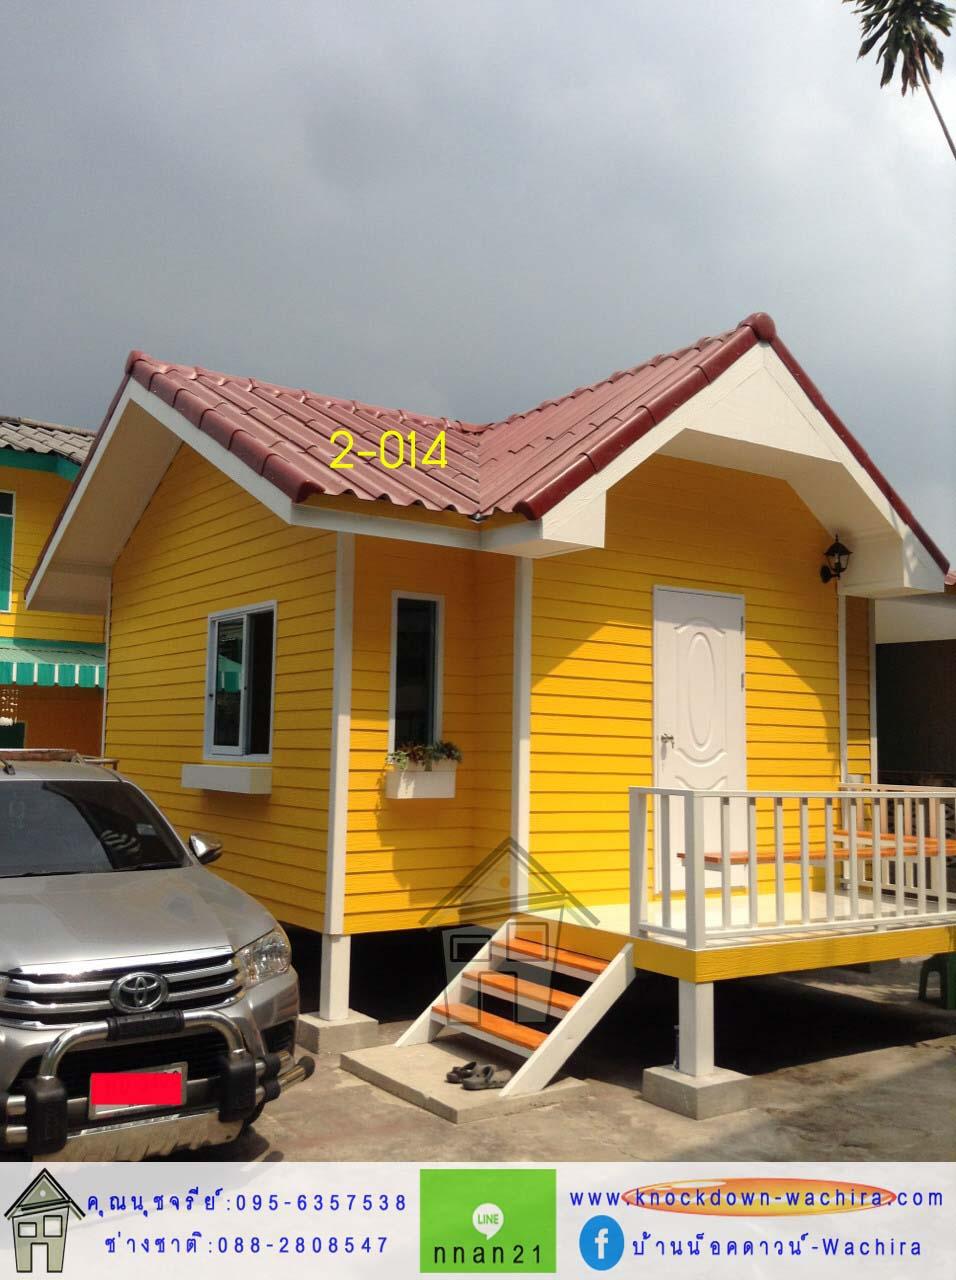 2-014 บ้านน็อคดาวน์ - ขนาด 4.5x5 เมตร